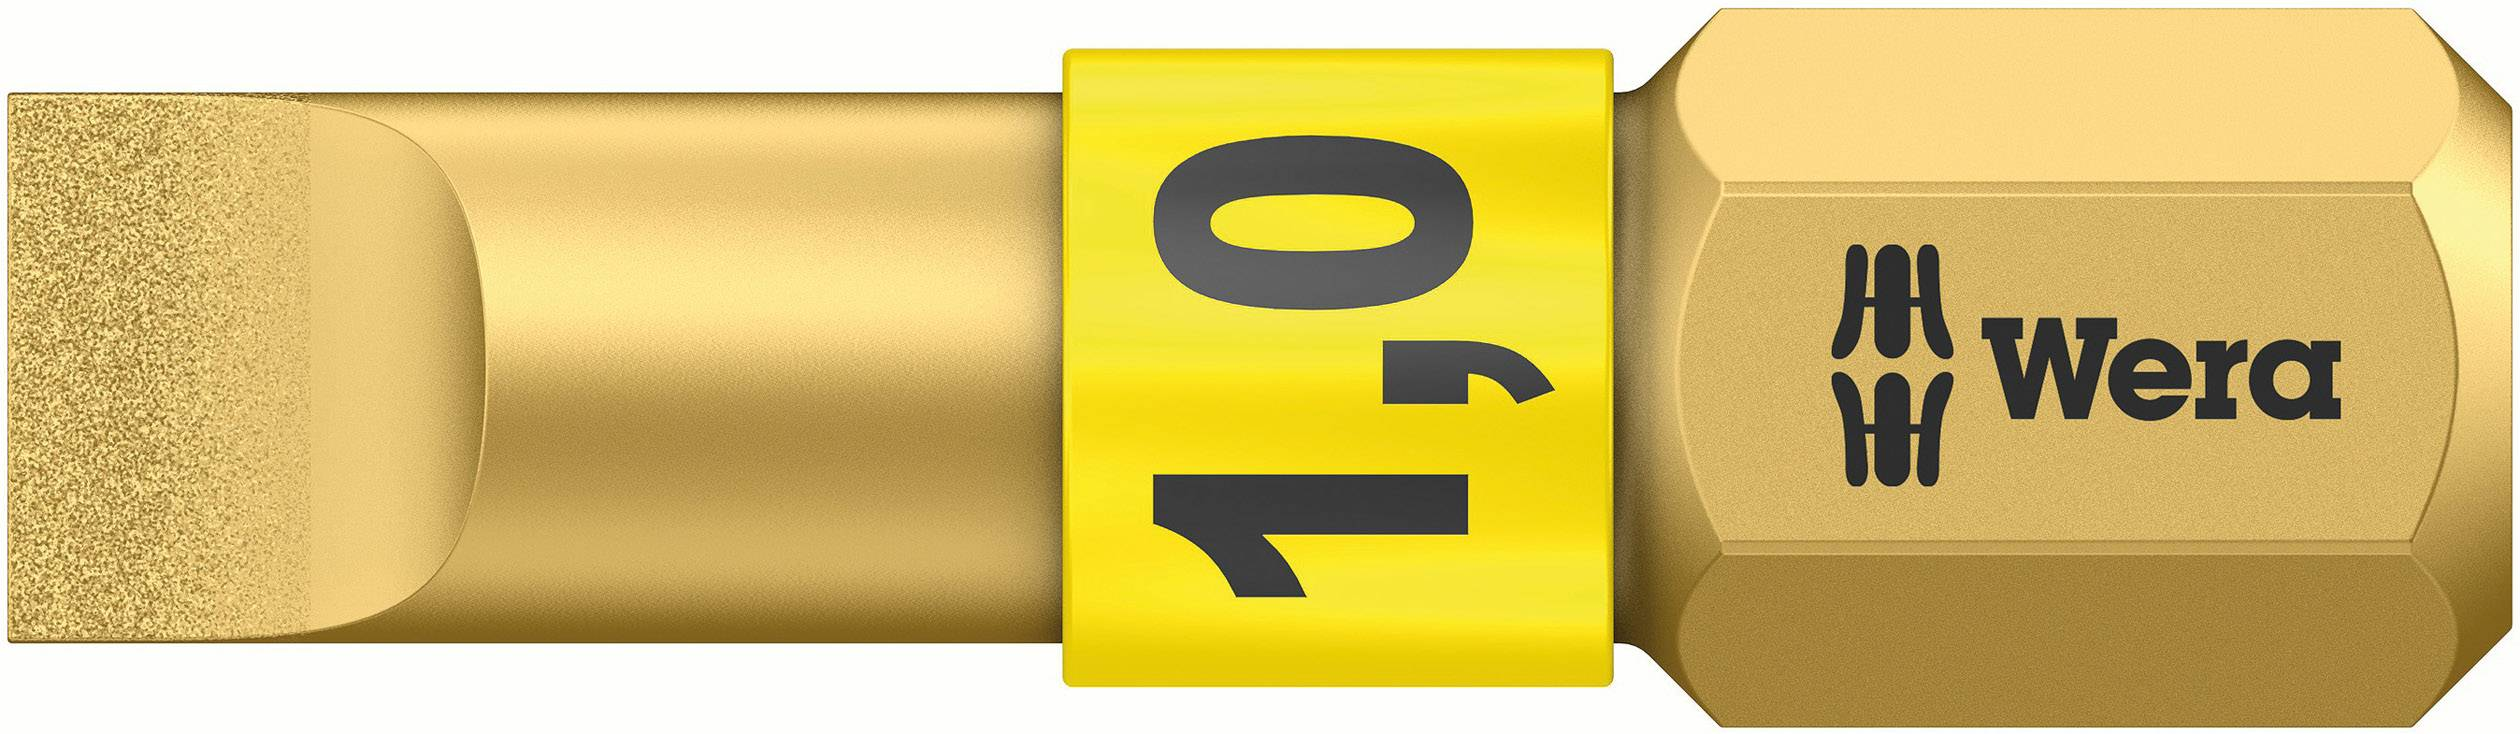 Plochý bit Wera 800/1 BDC;5.5 mm 05 056172 001, nástrojová oceľ, 1 ks